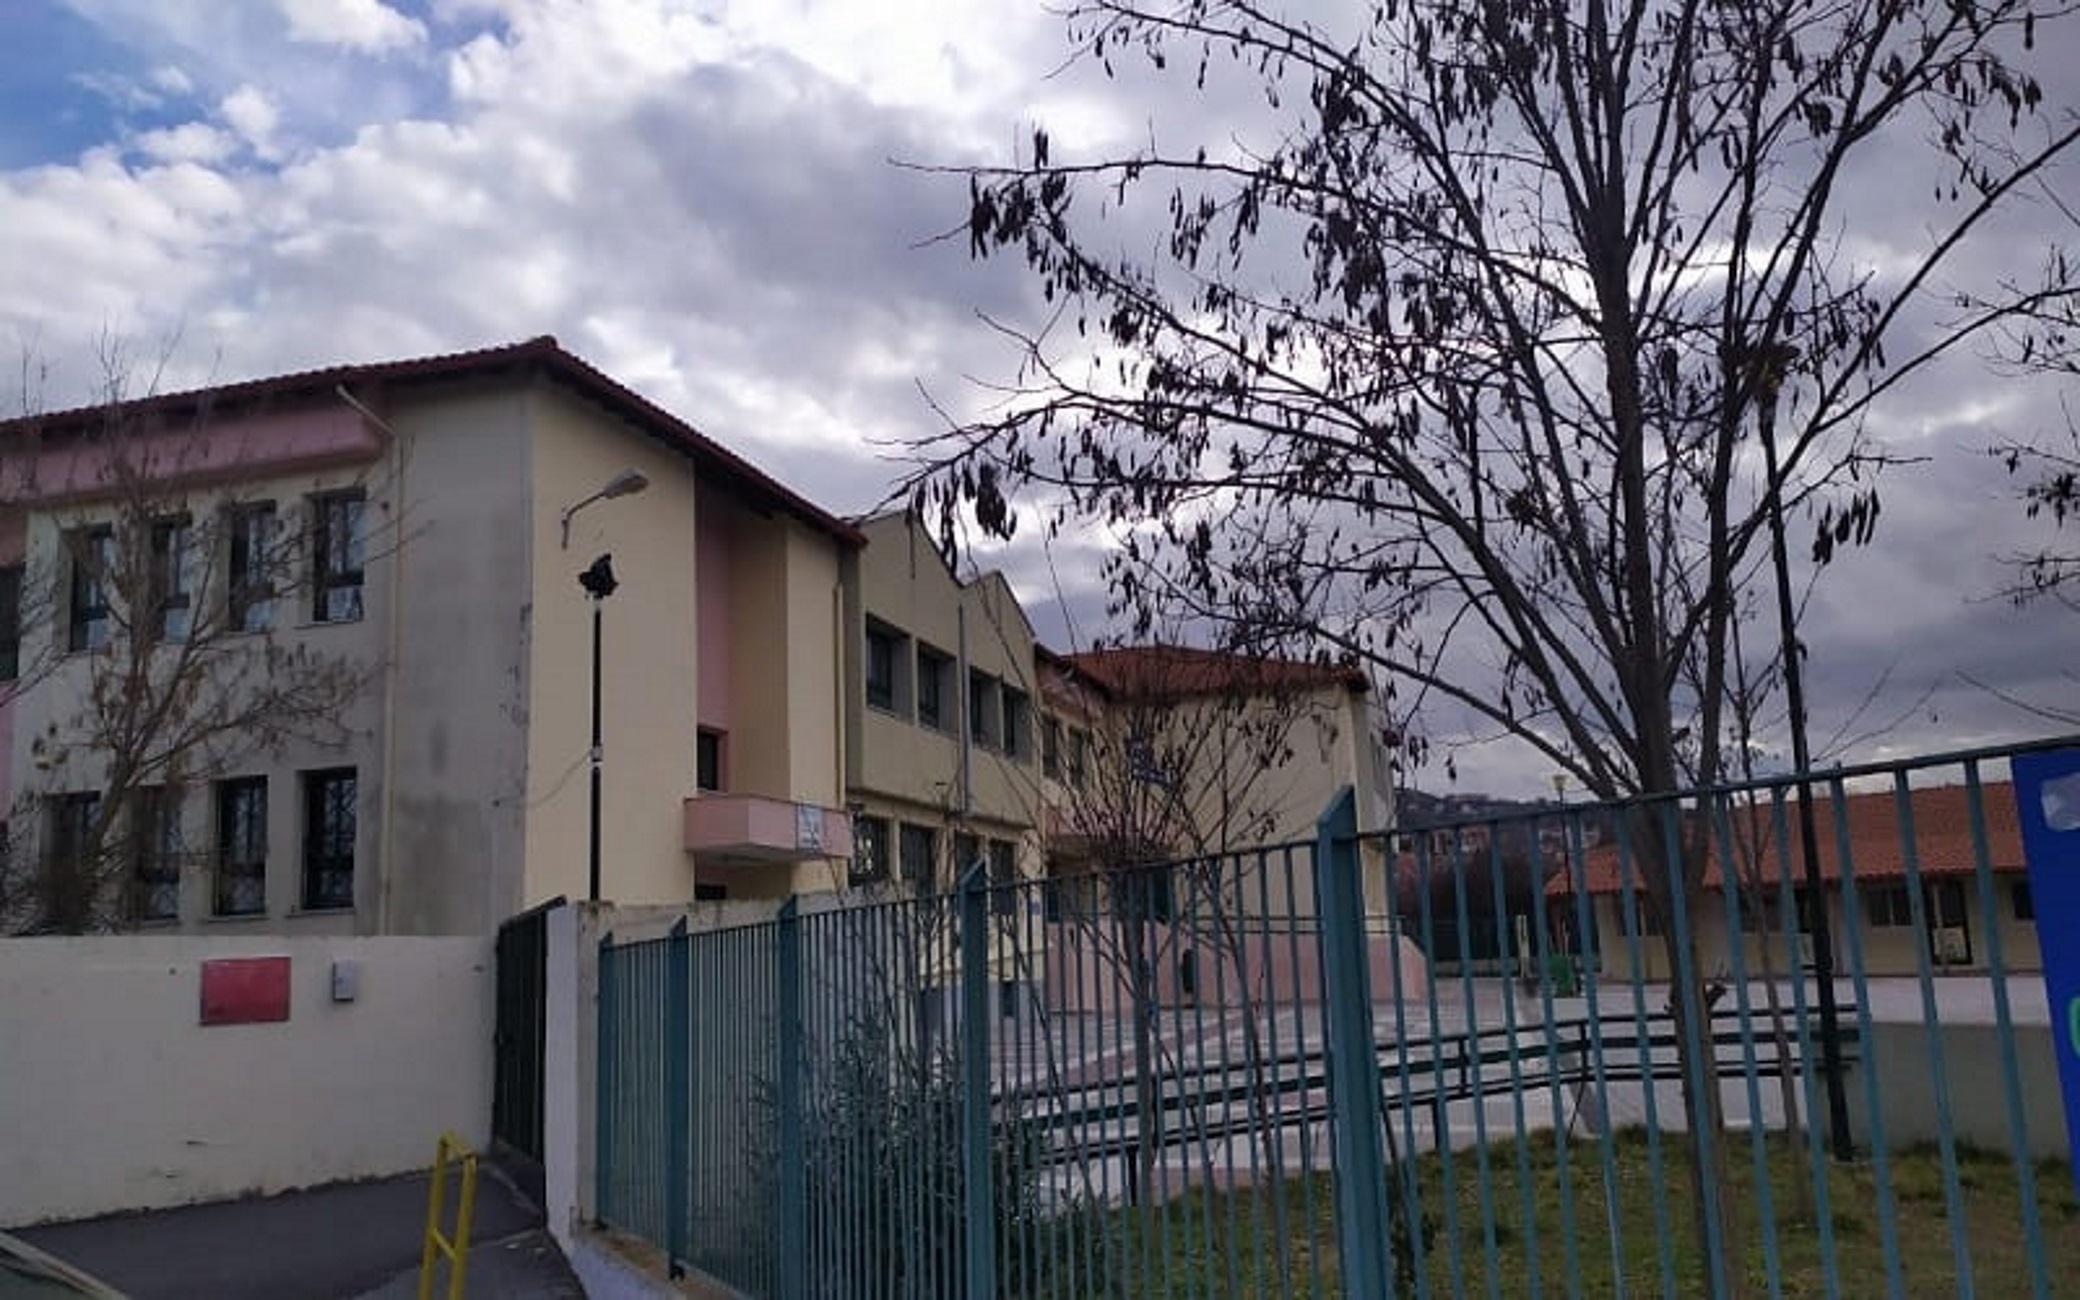 Θεσσαλονίκη: Δάσκαλος έπαιξε στον τζόγο χρήματα σχολικής εκδρομής